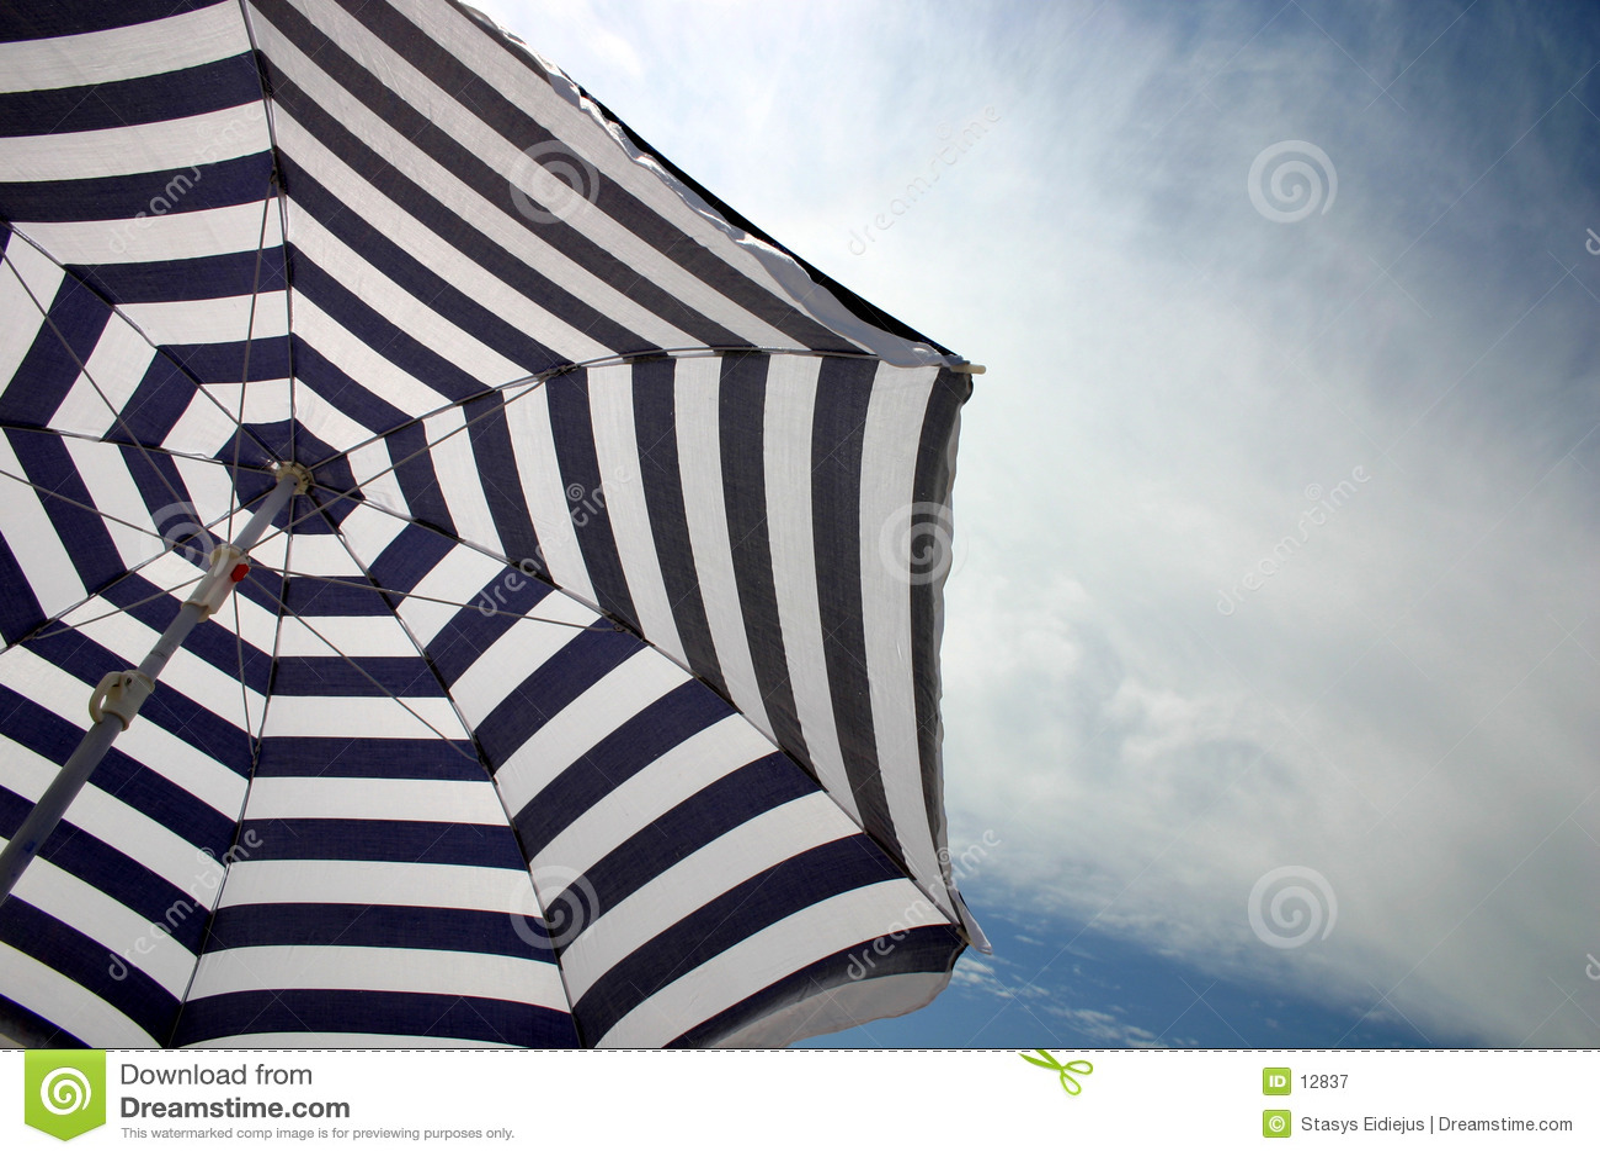 Guarda-chuva de praia